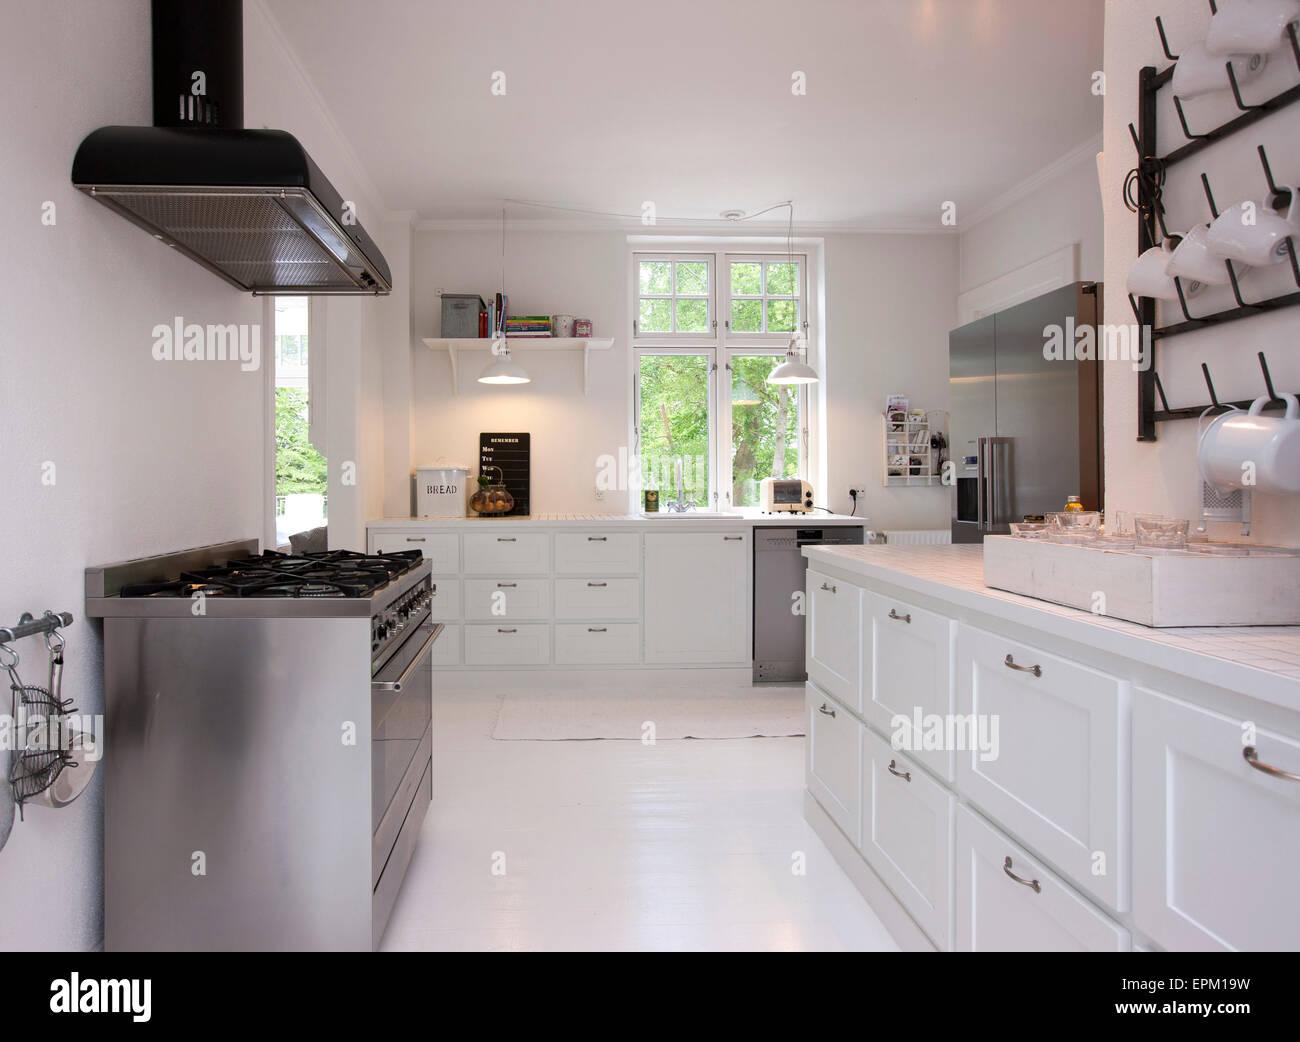 Cucina bianca con acciaio inossidabile gamma forno di Hanne Davidsen home rinnovo, Silkesborg, Danimarca. Immagini Stock